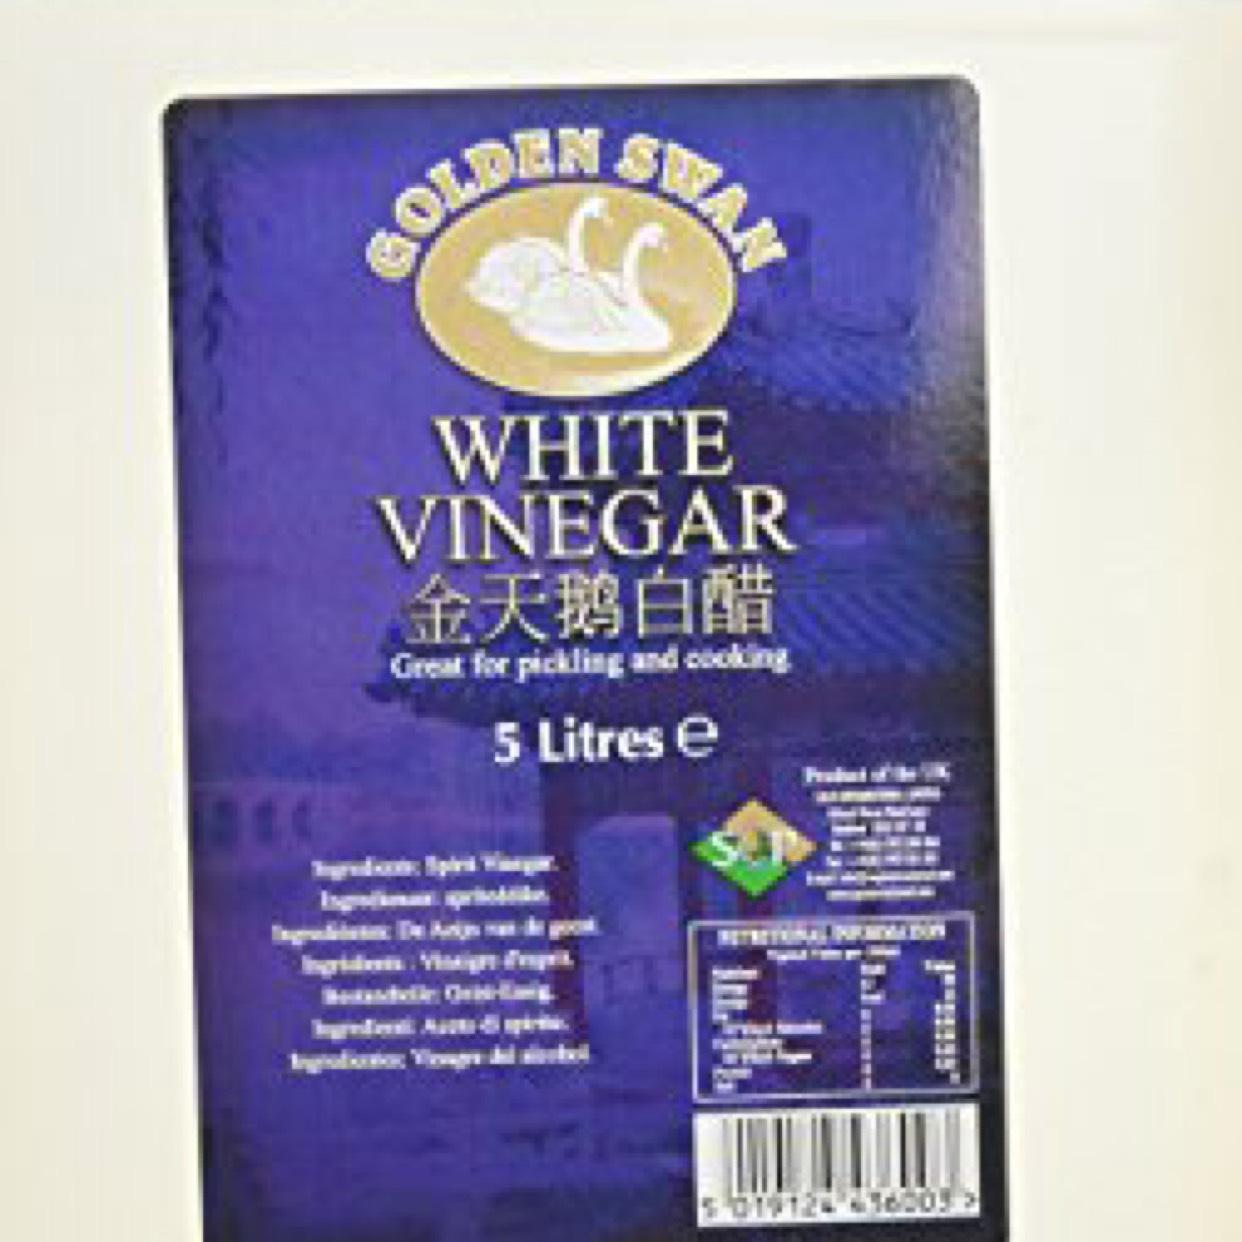 Golden Swan White Vinegar 5 Litre (Pack of 4) at Amazon for £9.59 Prime (£14.58 non Prime)